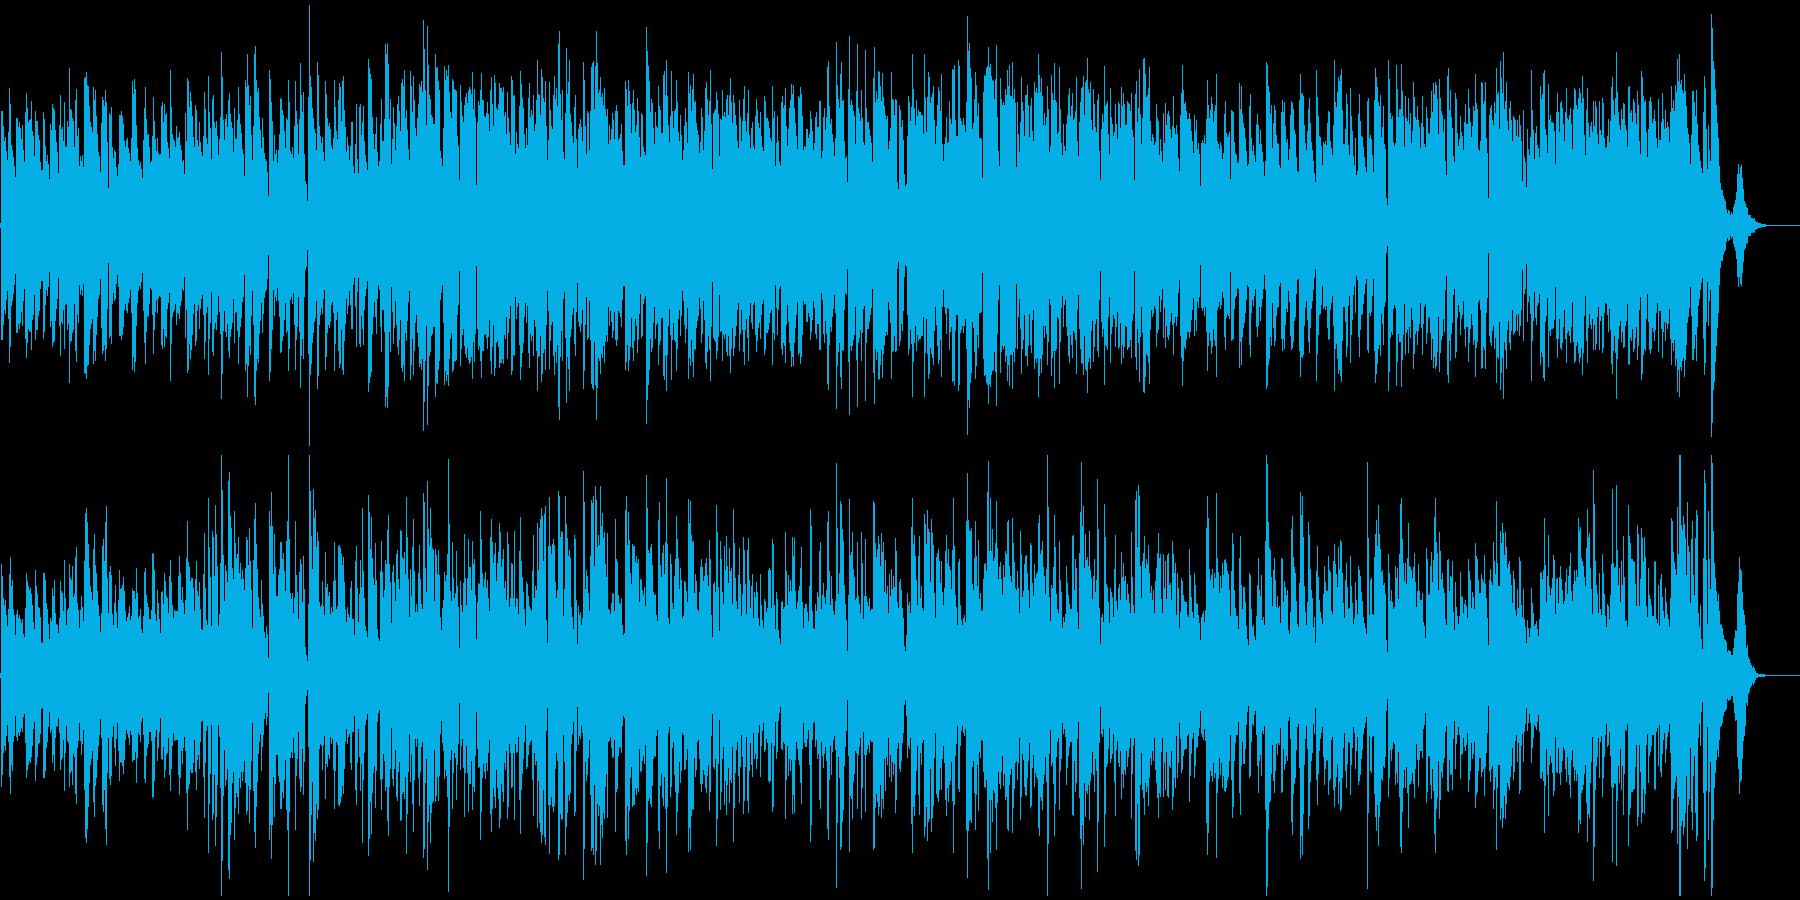 ジャズギターカルテットの再生済みの波形